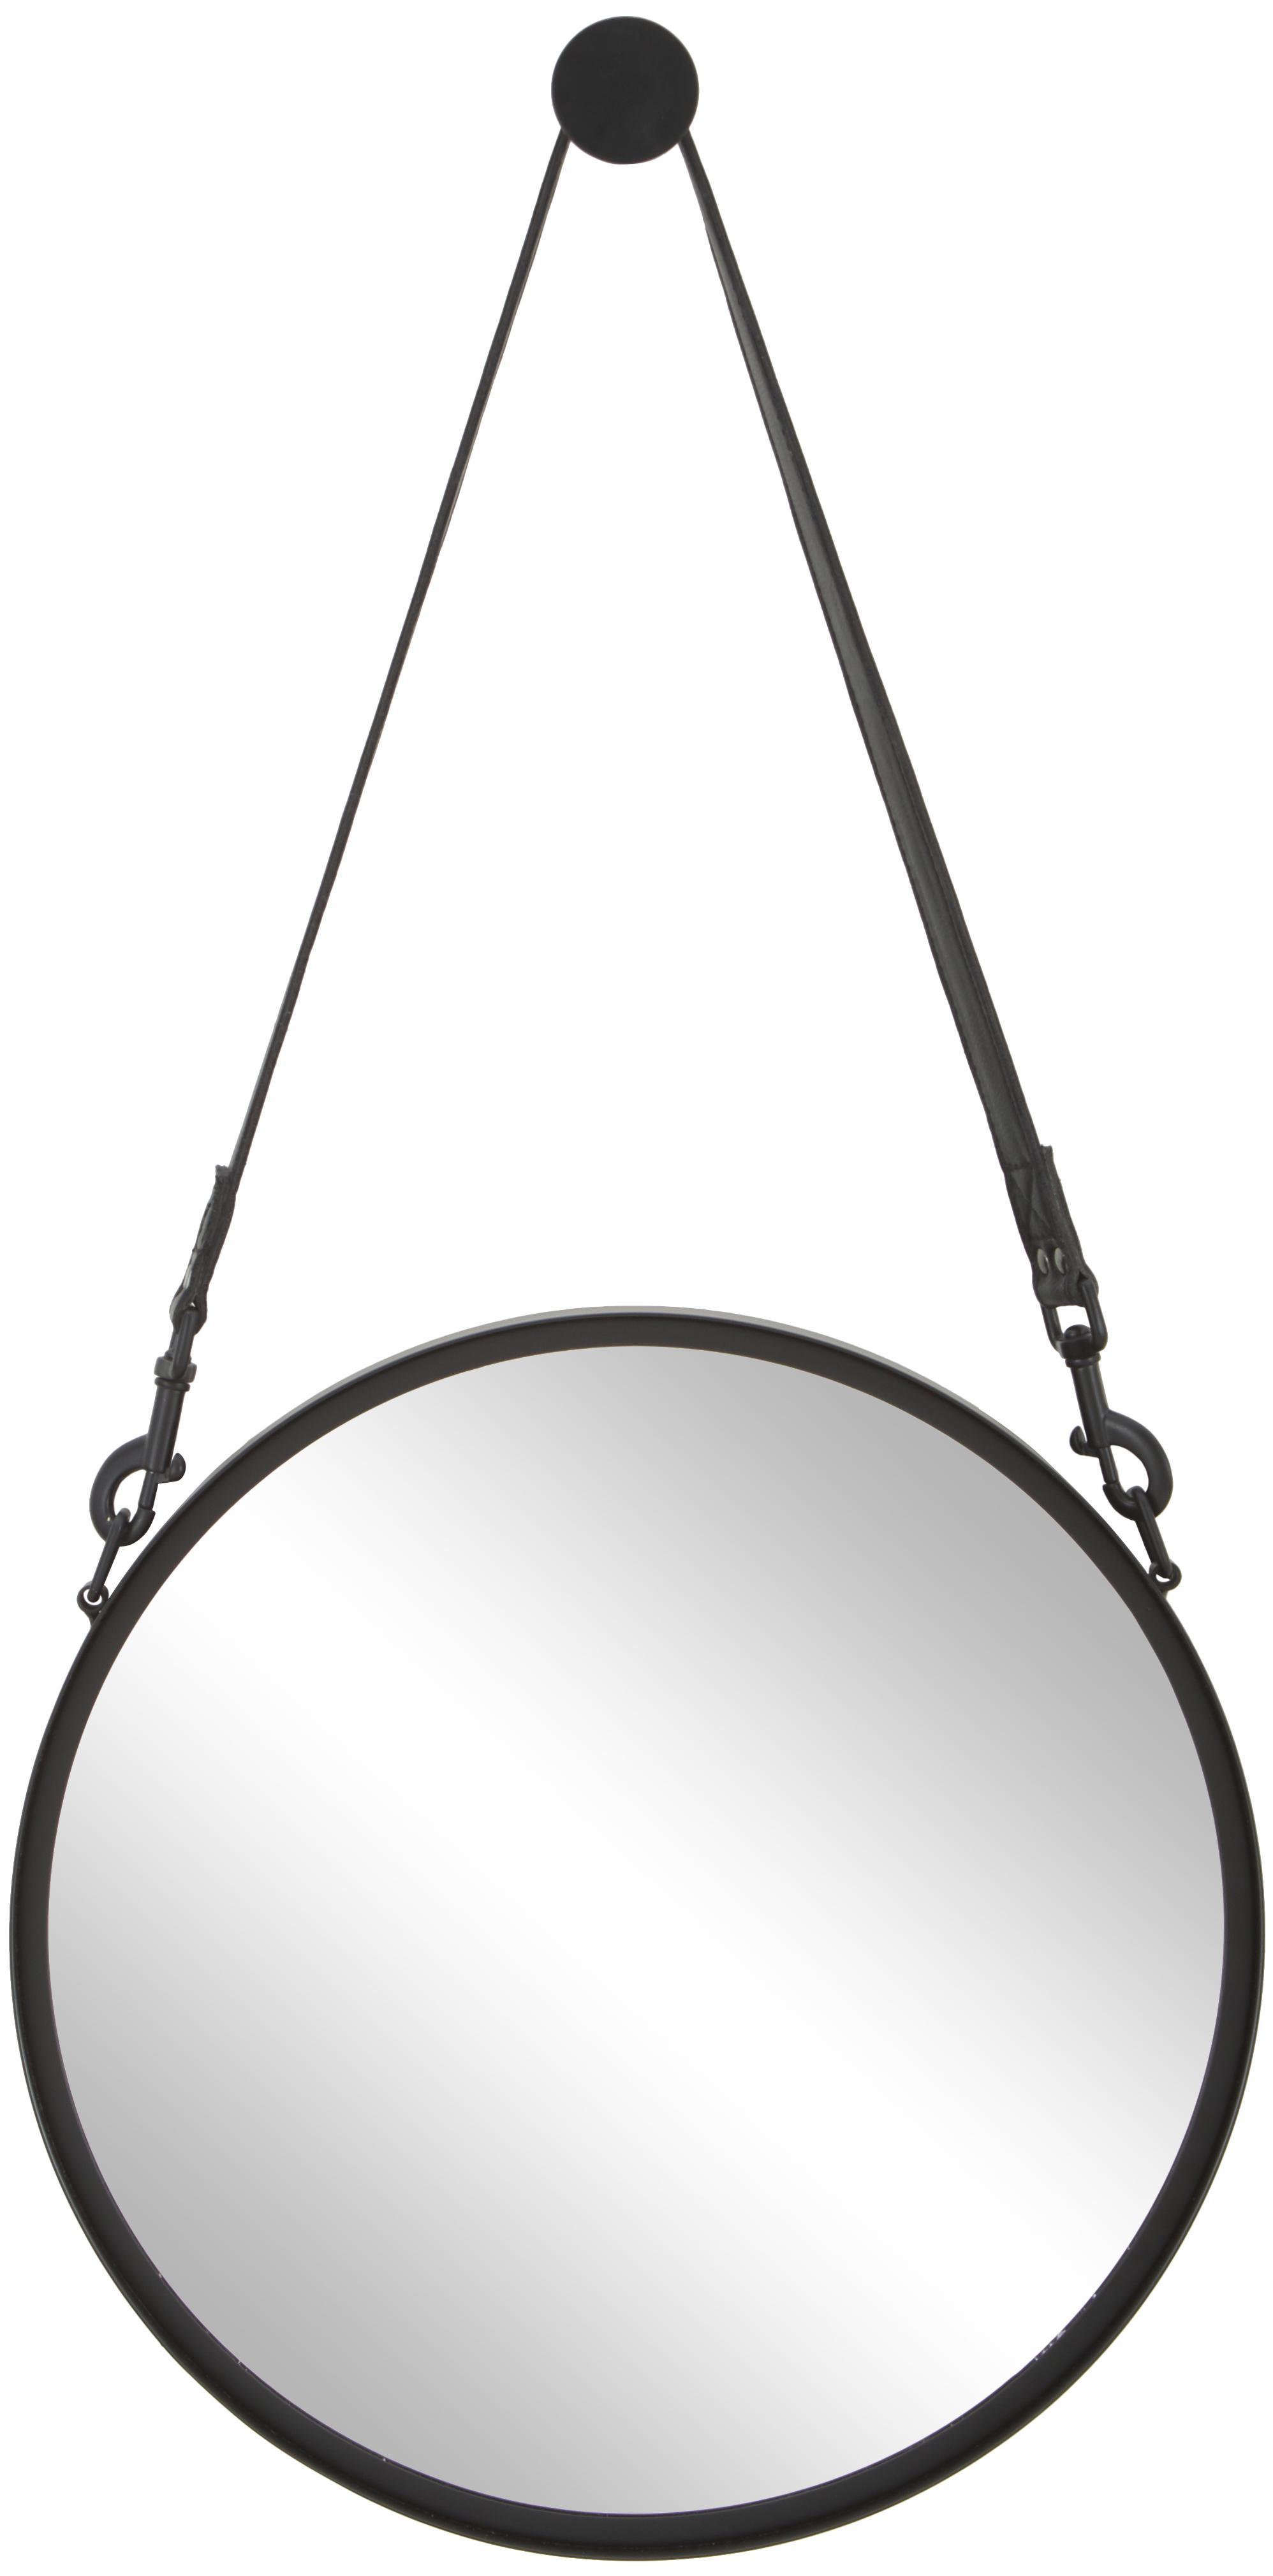 Espejo de pared redondo Liz, con correa de cuero, Espejo: cristal, Parte trasera: tablero de fibras de dens, Negro, Ø 40 cm